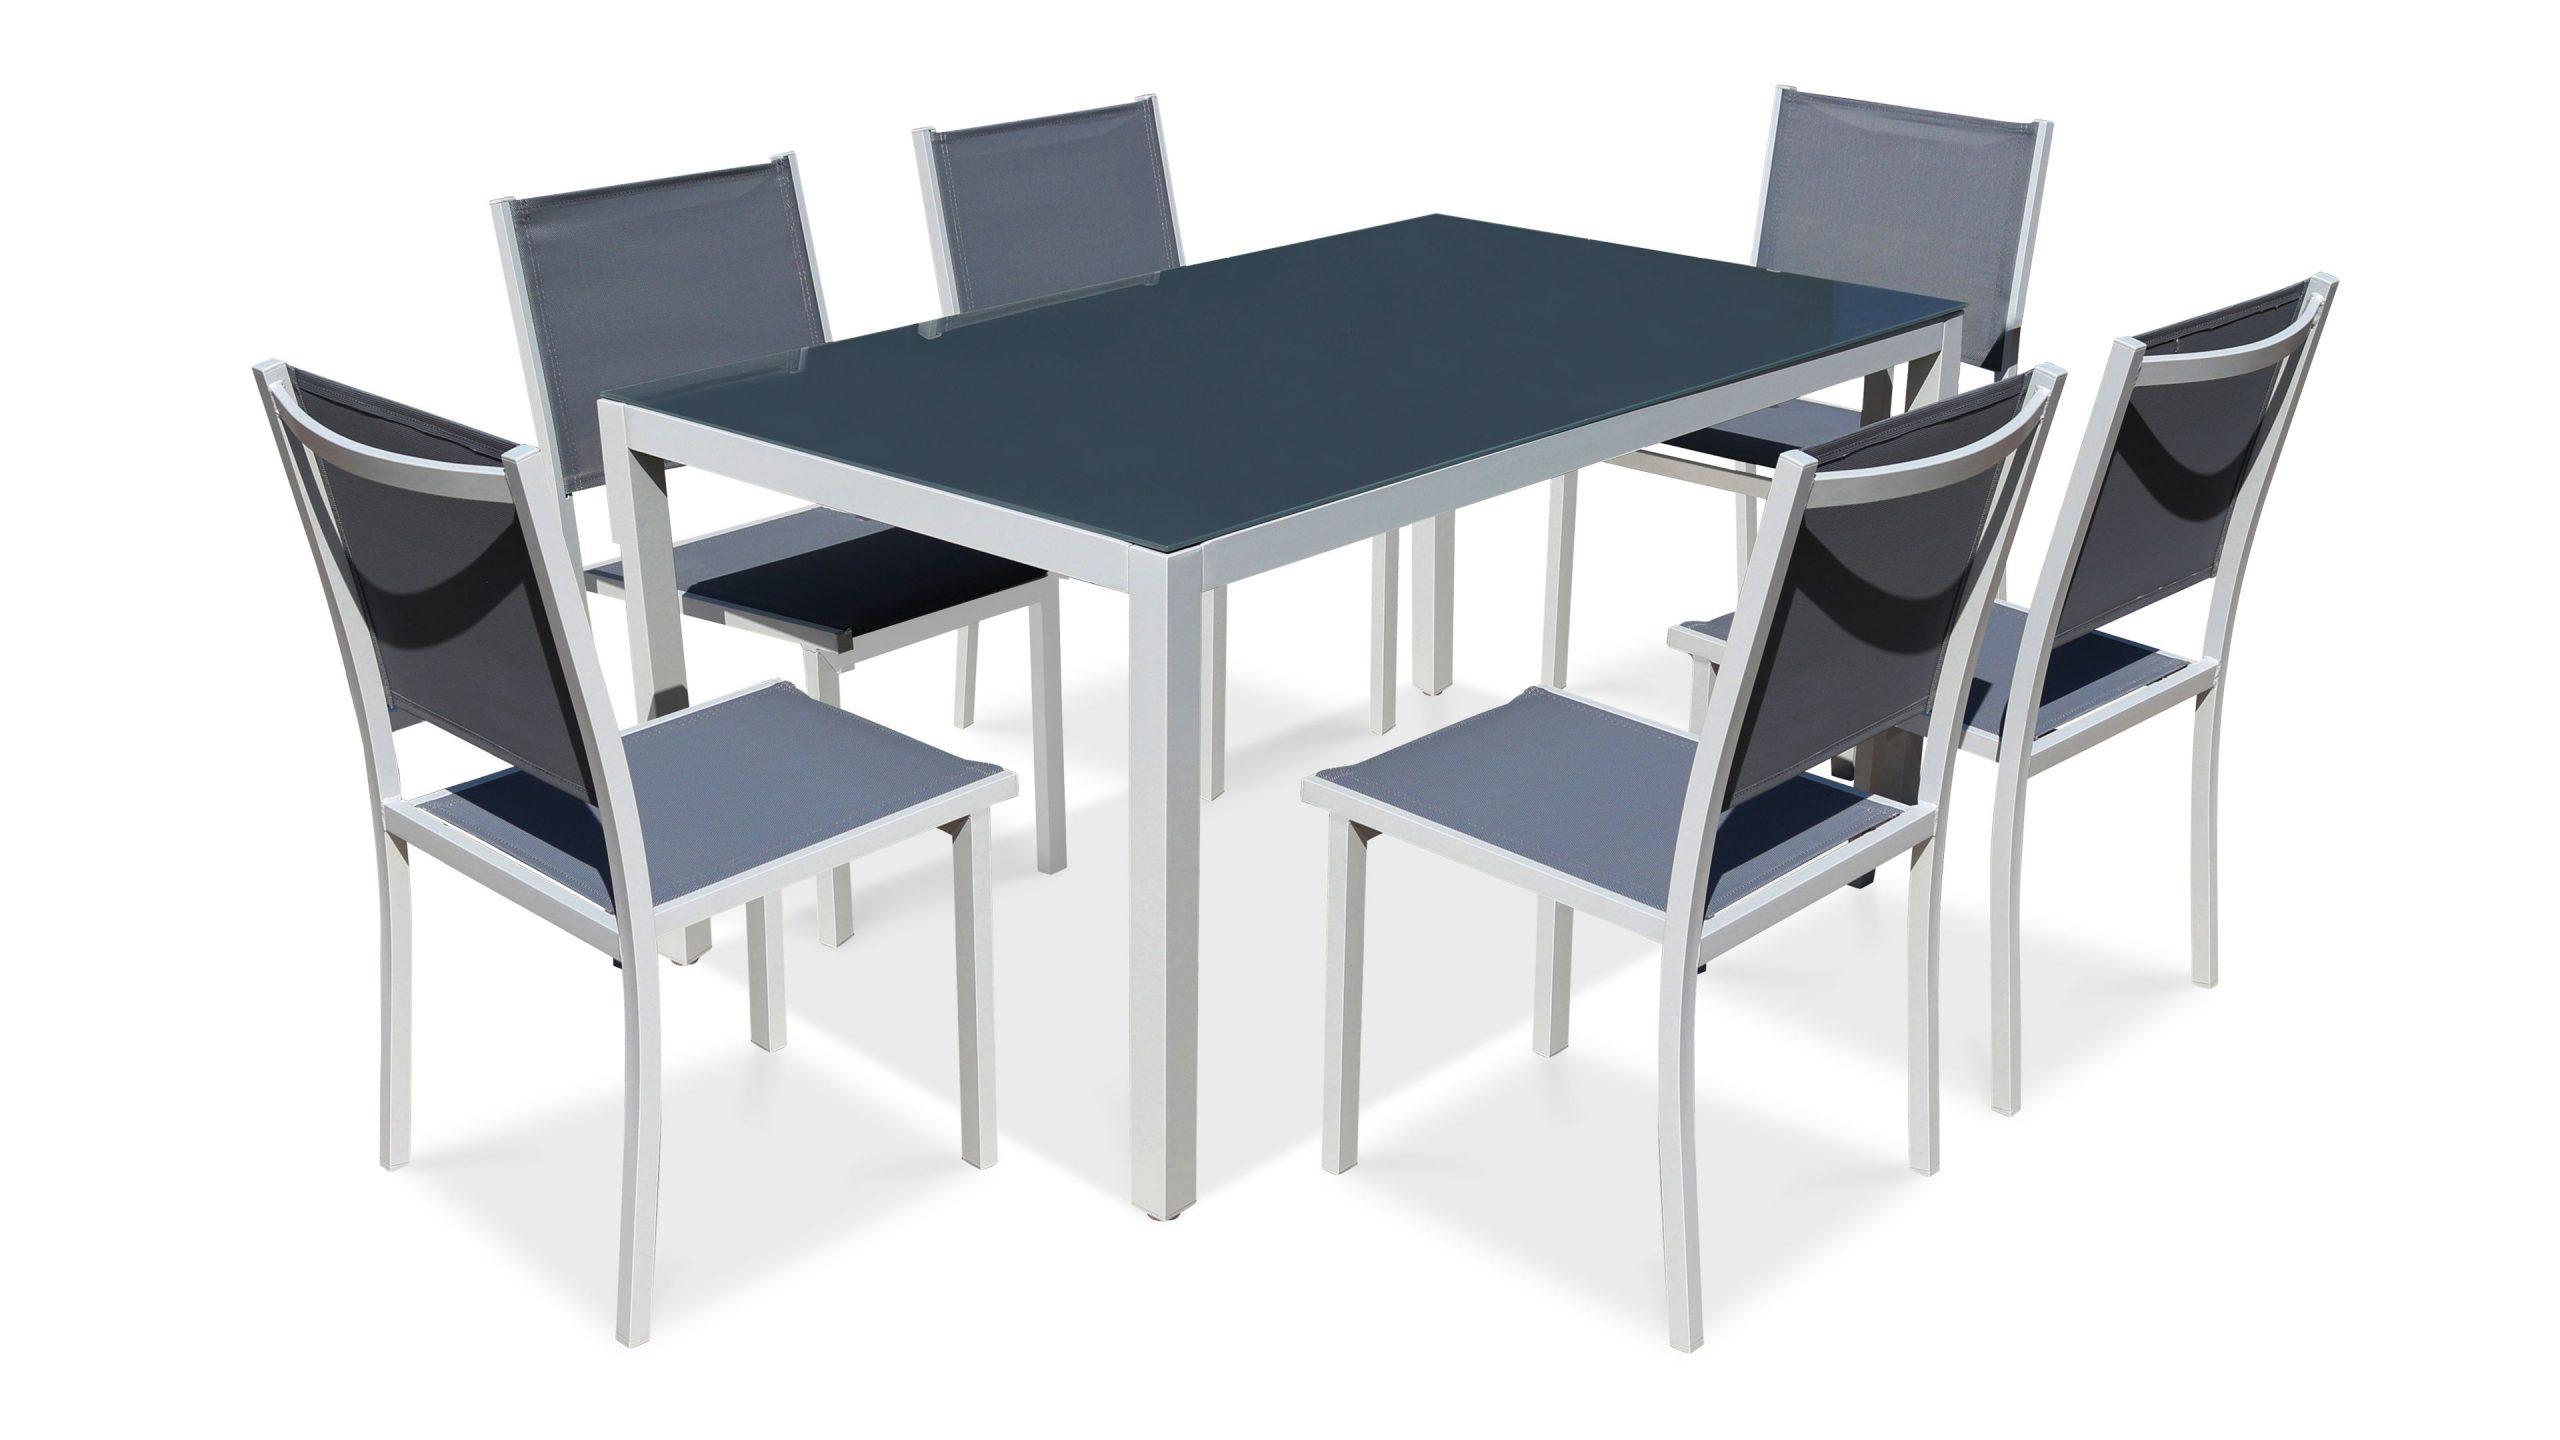 Salon De Jardin Aluminium Table De Jardin 6 Places avec Table Et Chaise De Jardin En Aluminium